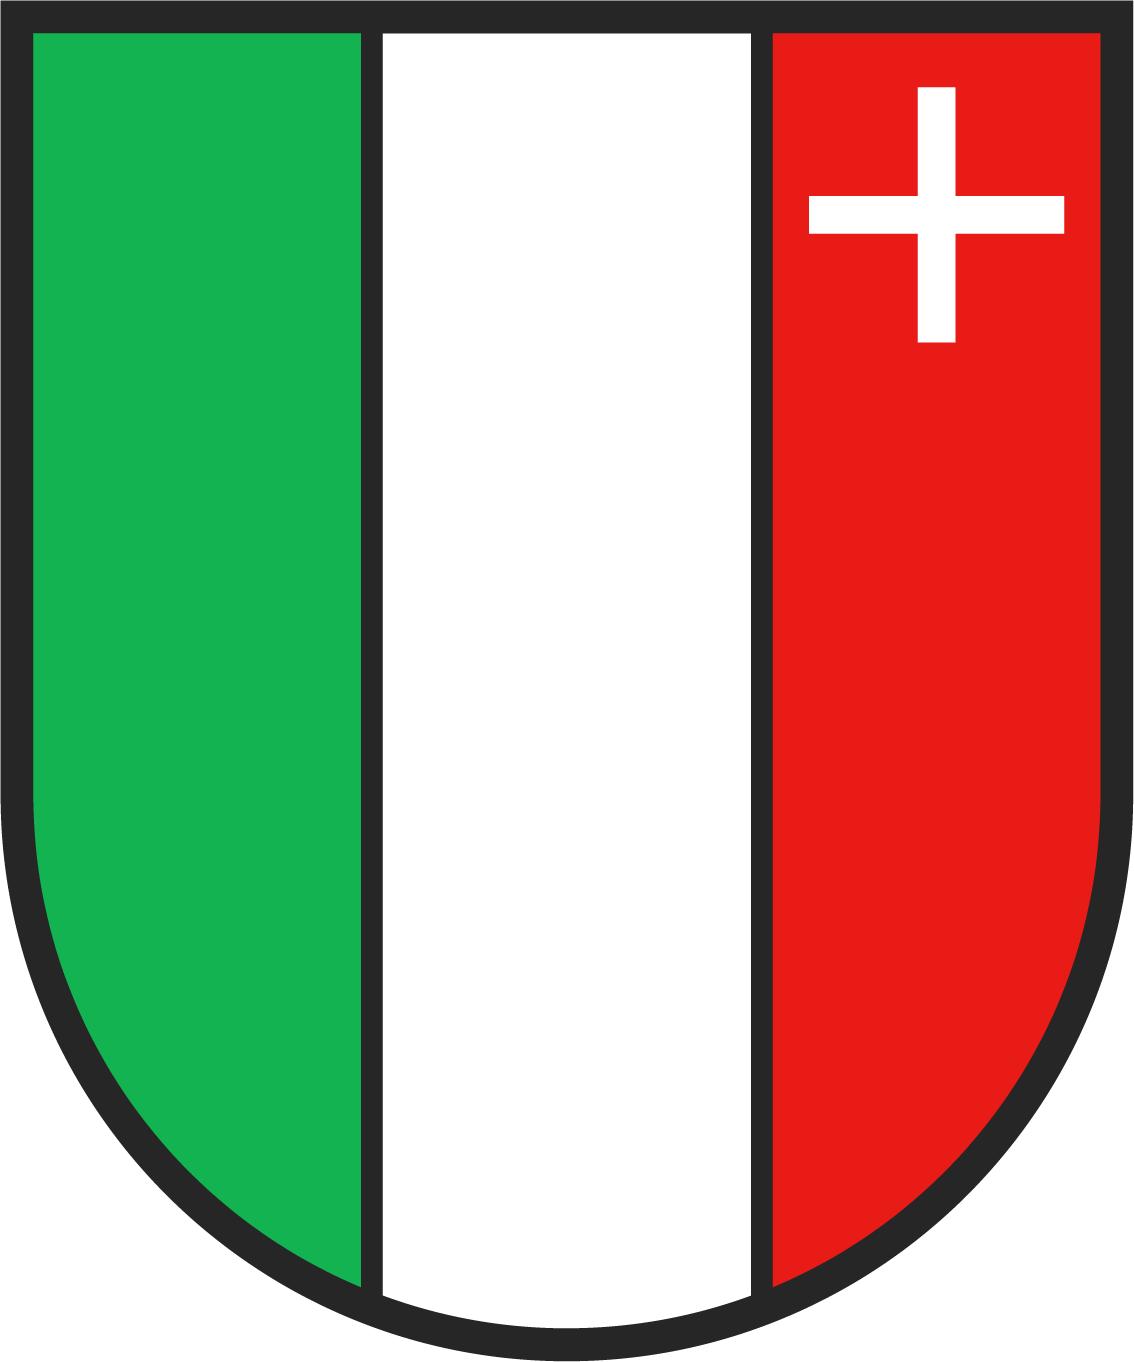 Wappen des Kantons Neuenburg